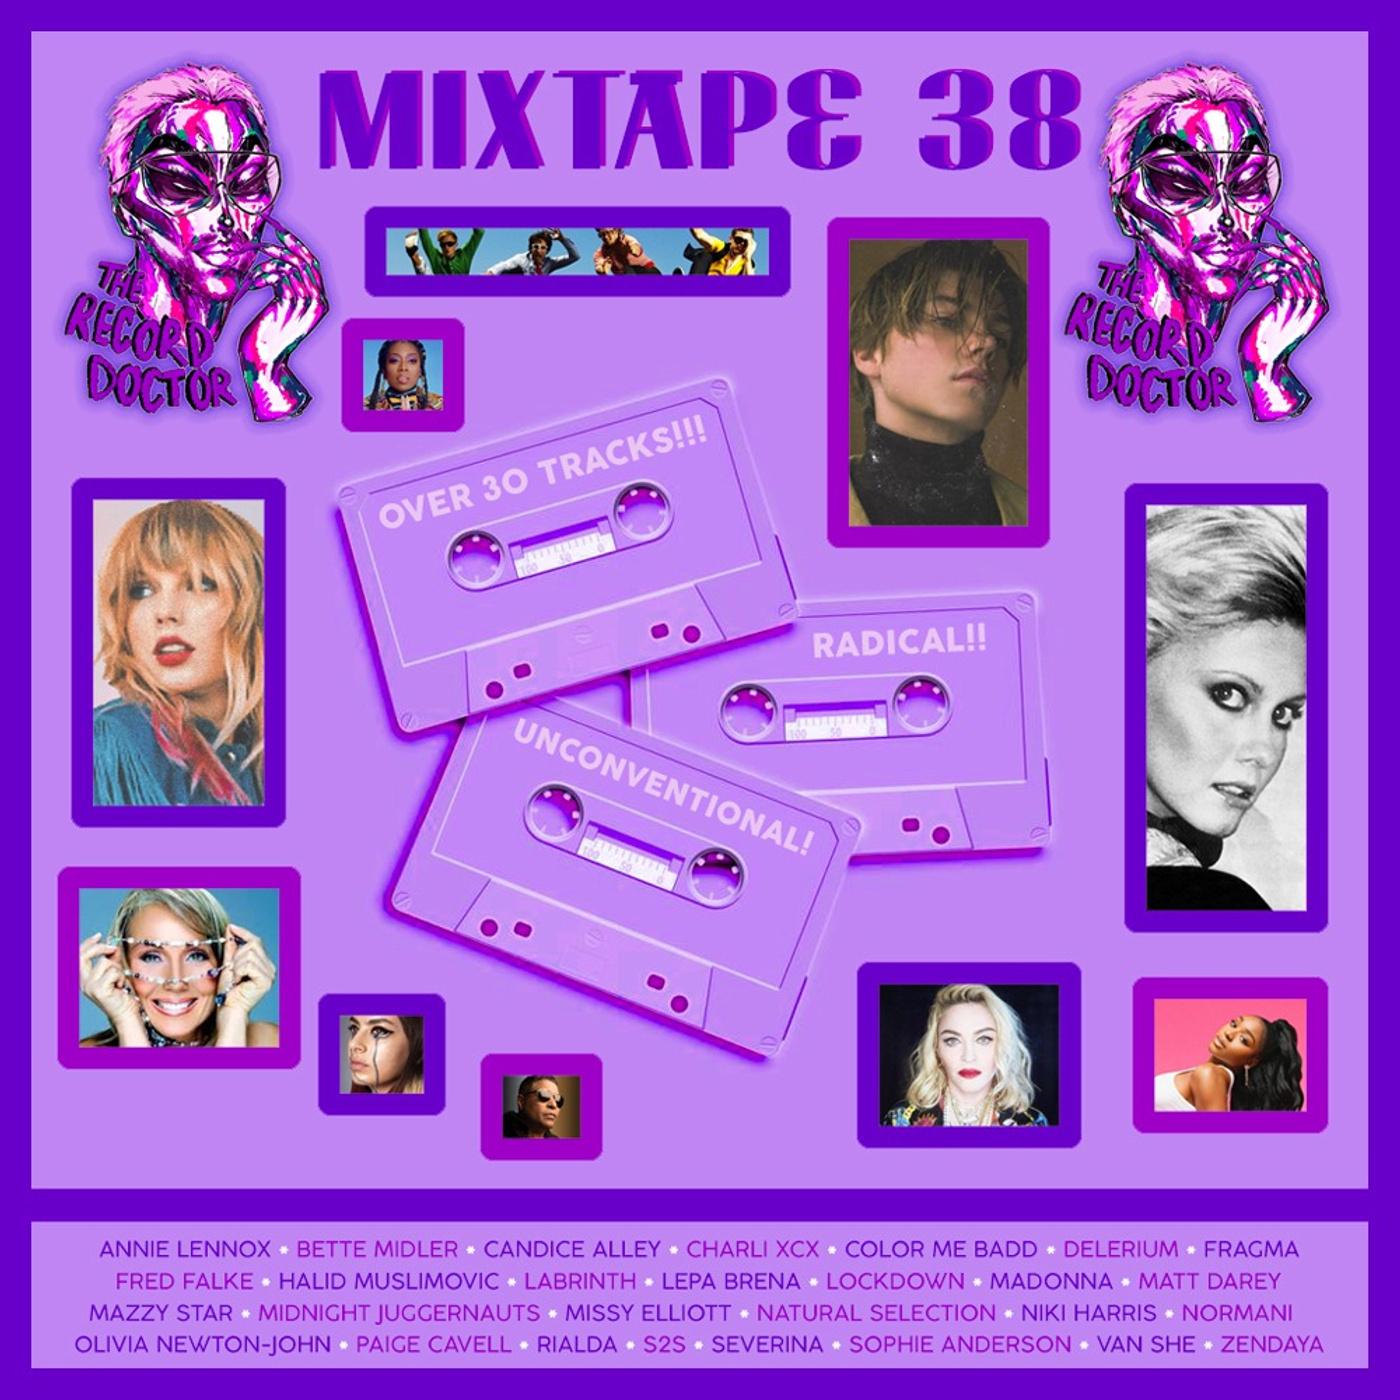 Episode 147 - Mixtape #38